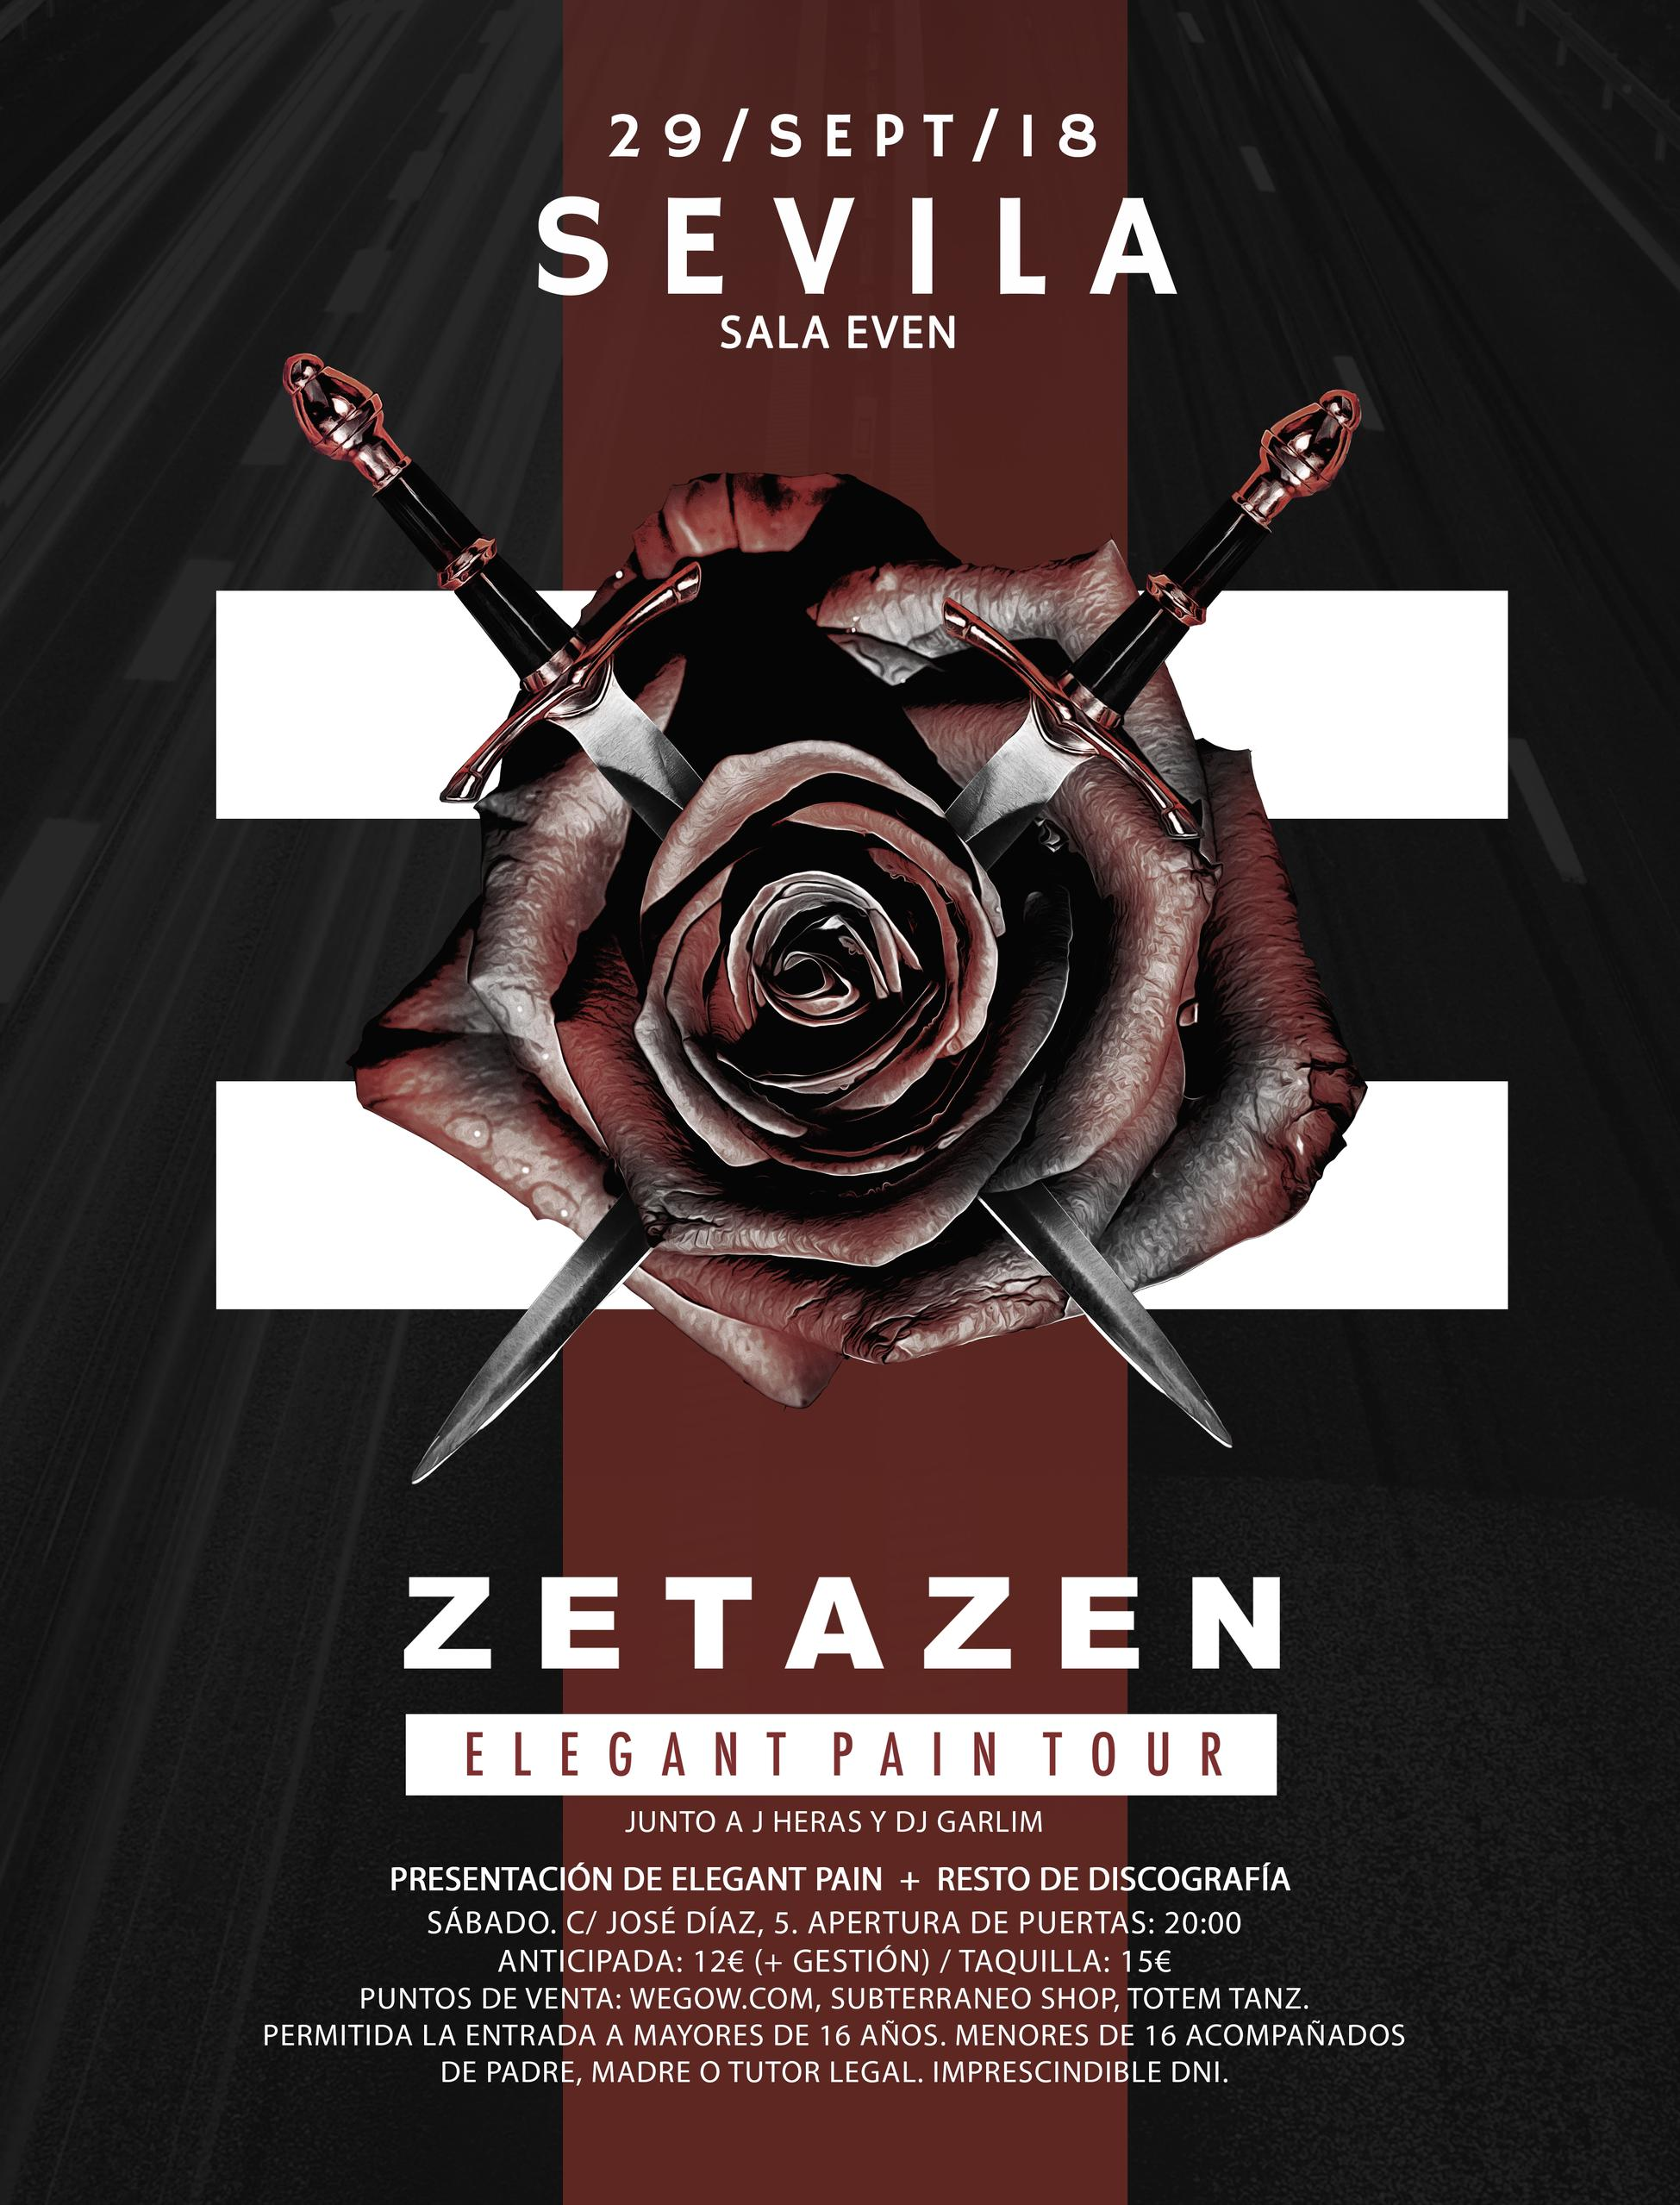 Zetazen estrá actuando en la Sala Even de Sevilla el Sábado 29 de Septiembre